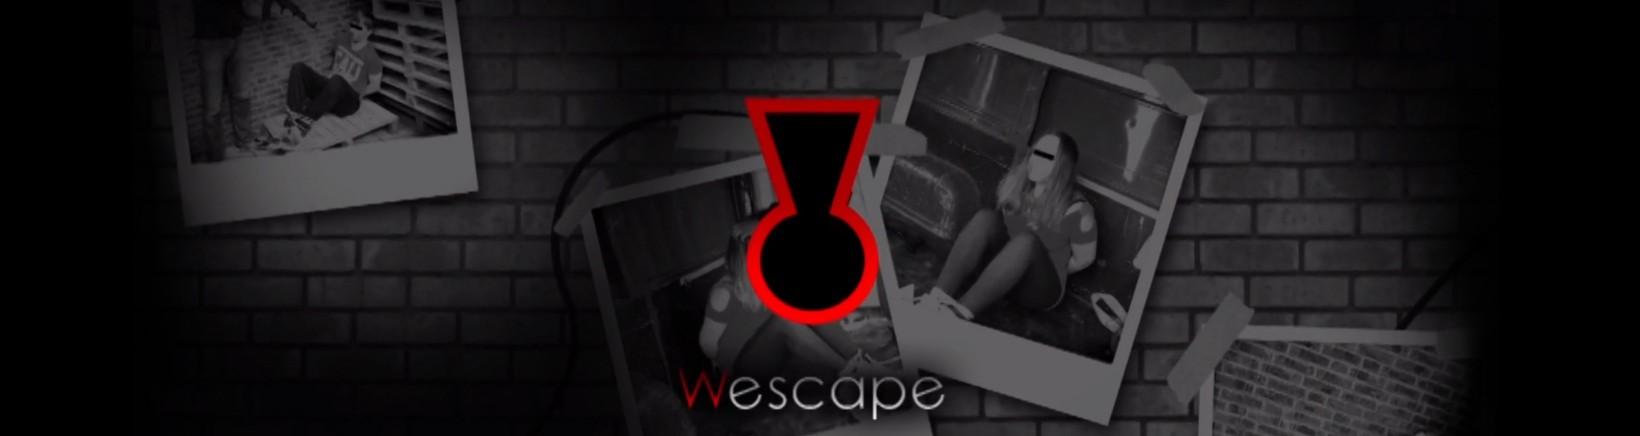 Welkom bij Wescape